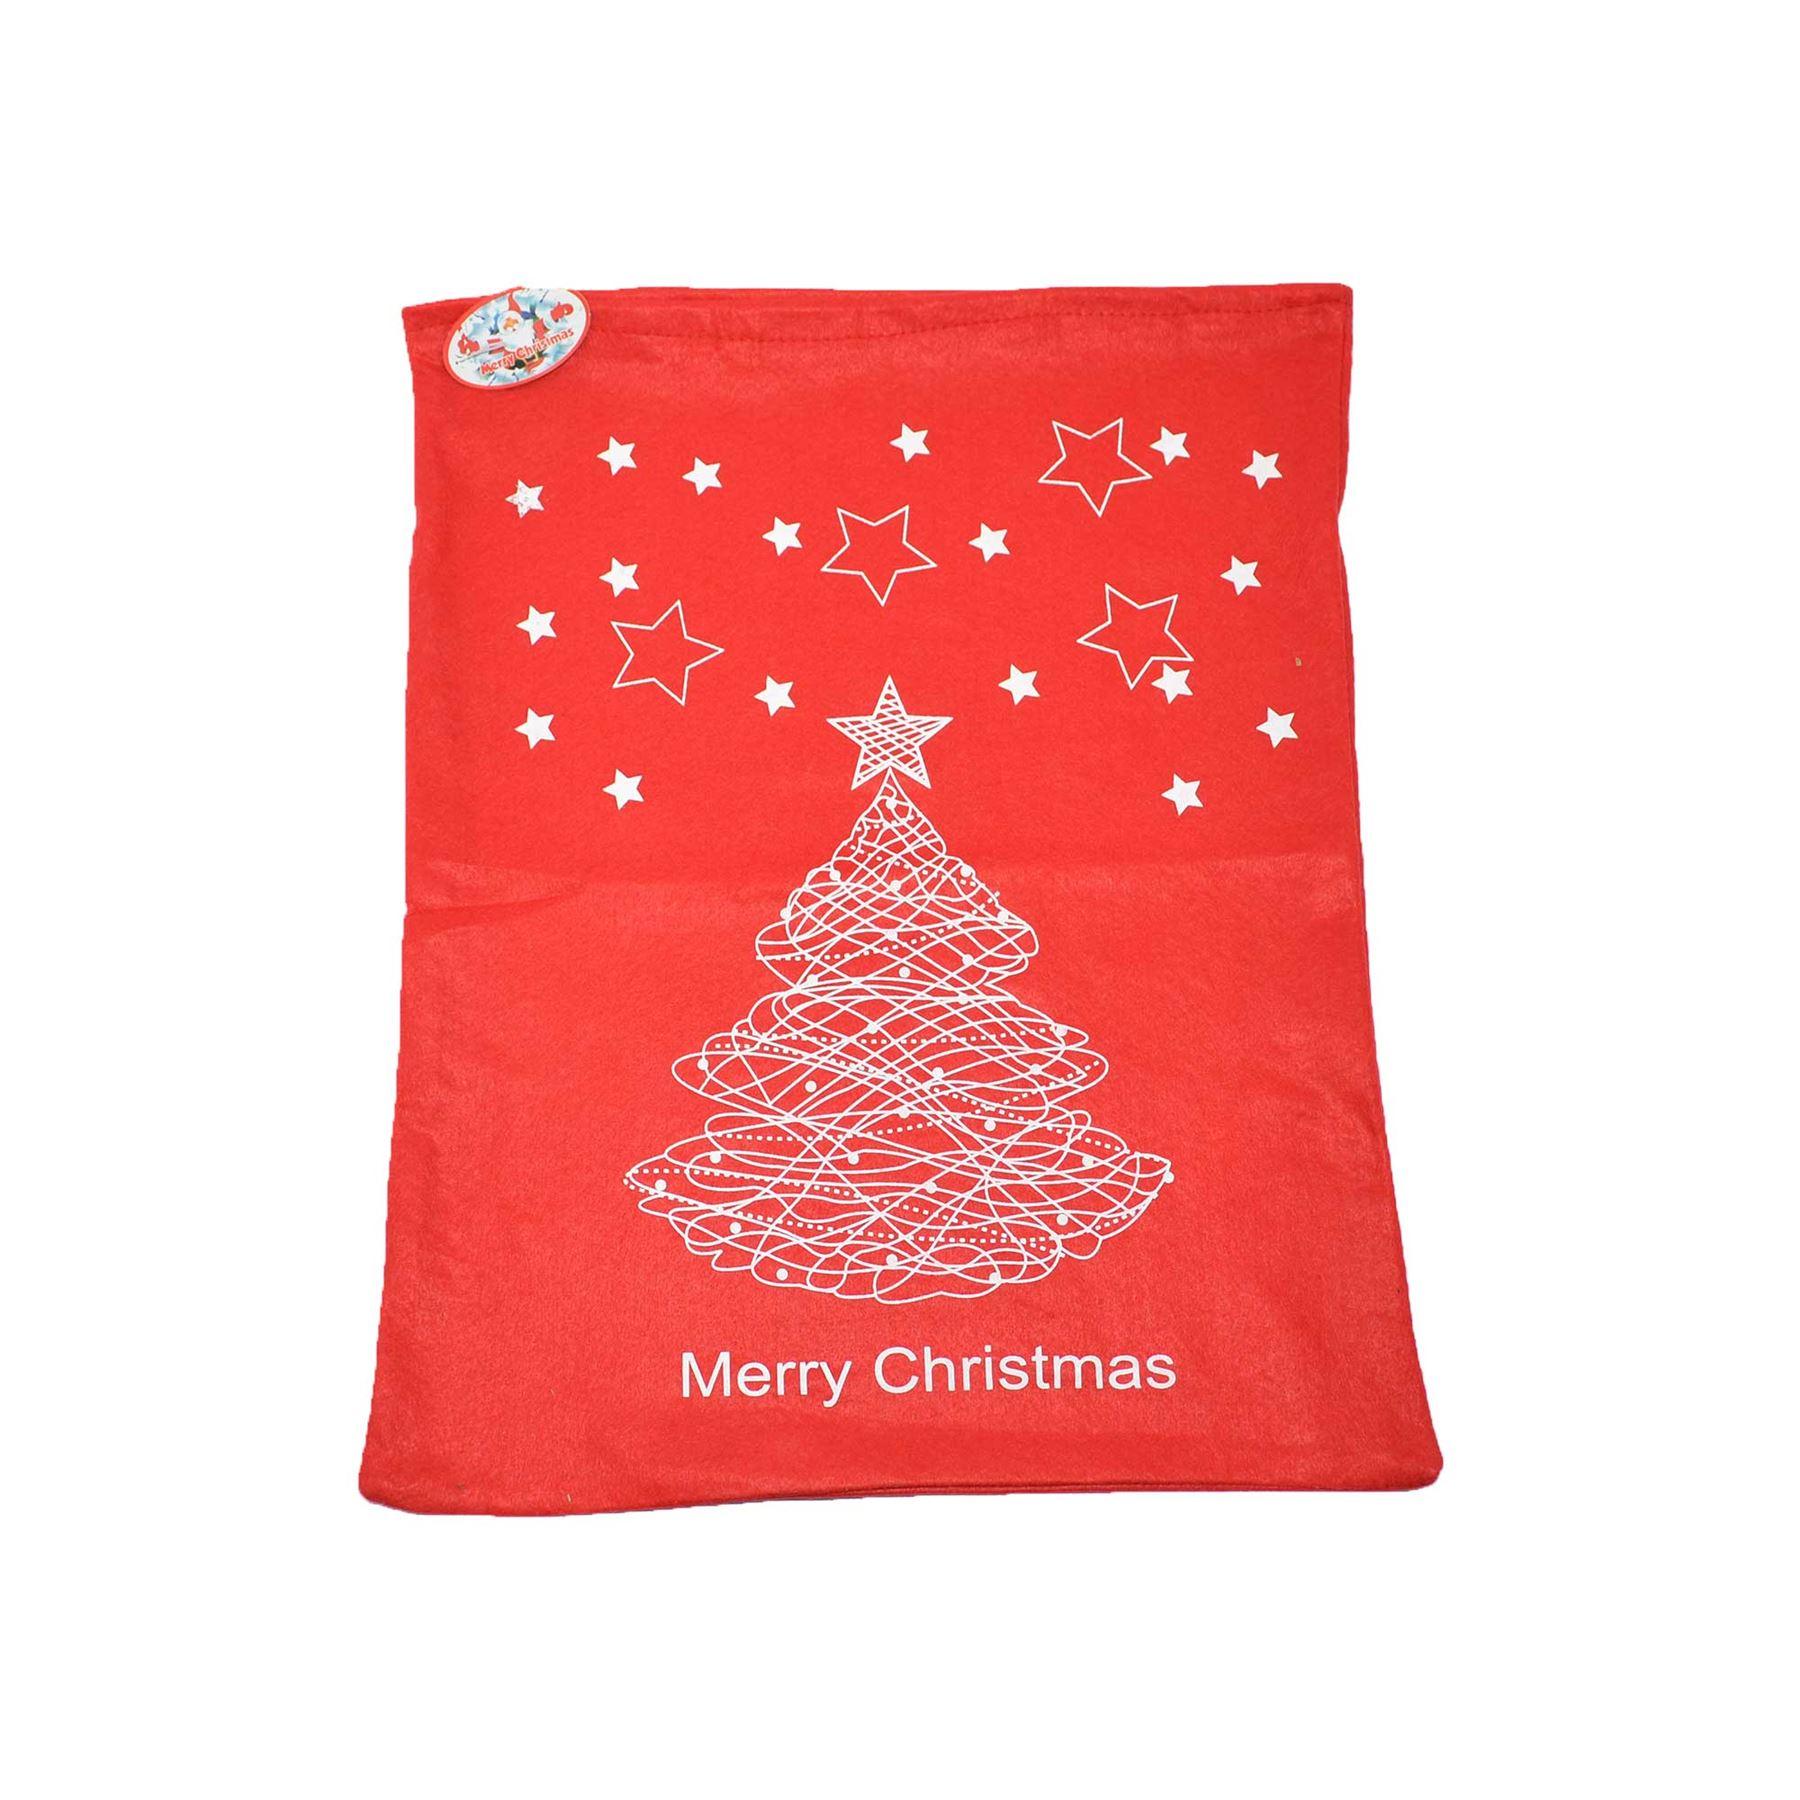 Feltro-Rosso-Buon-Natale-Babbo-Natale-Sacco-Grande-Calza-Natale-Regali-Regalo-Borse miniatura 7